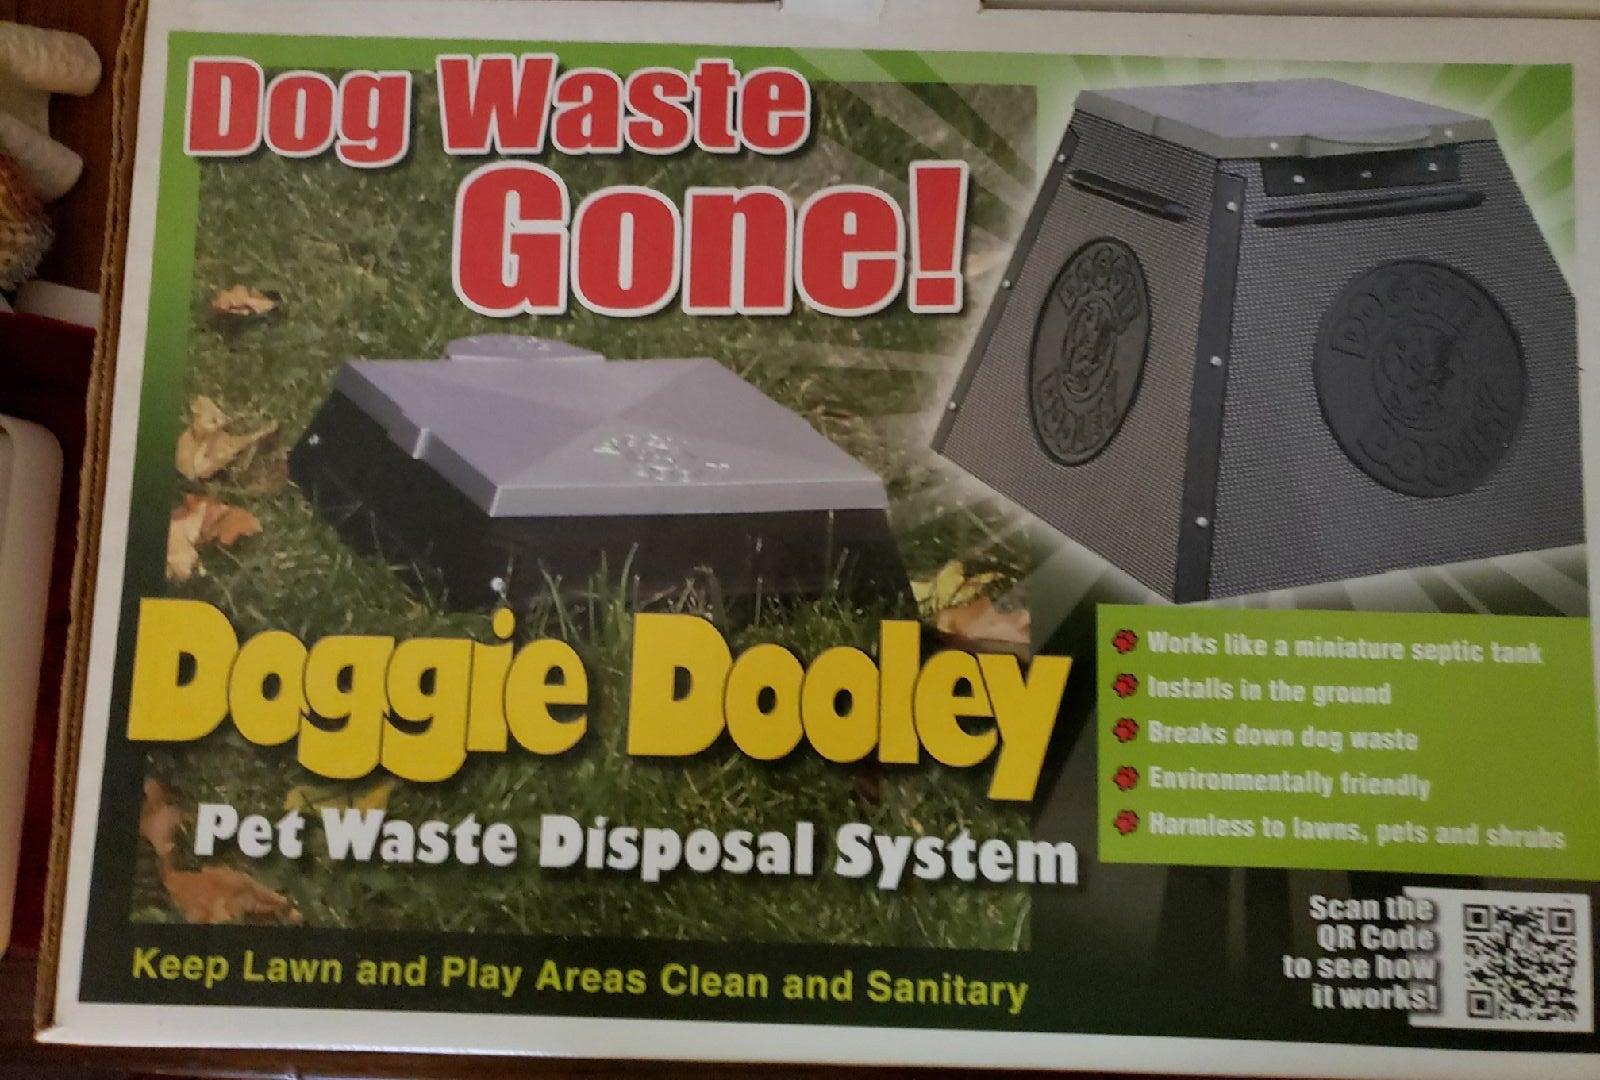 Doogie Dooley